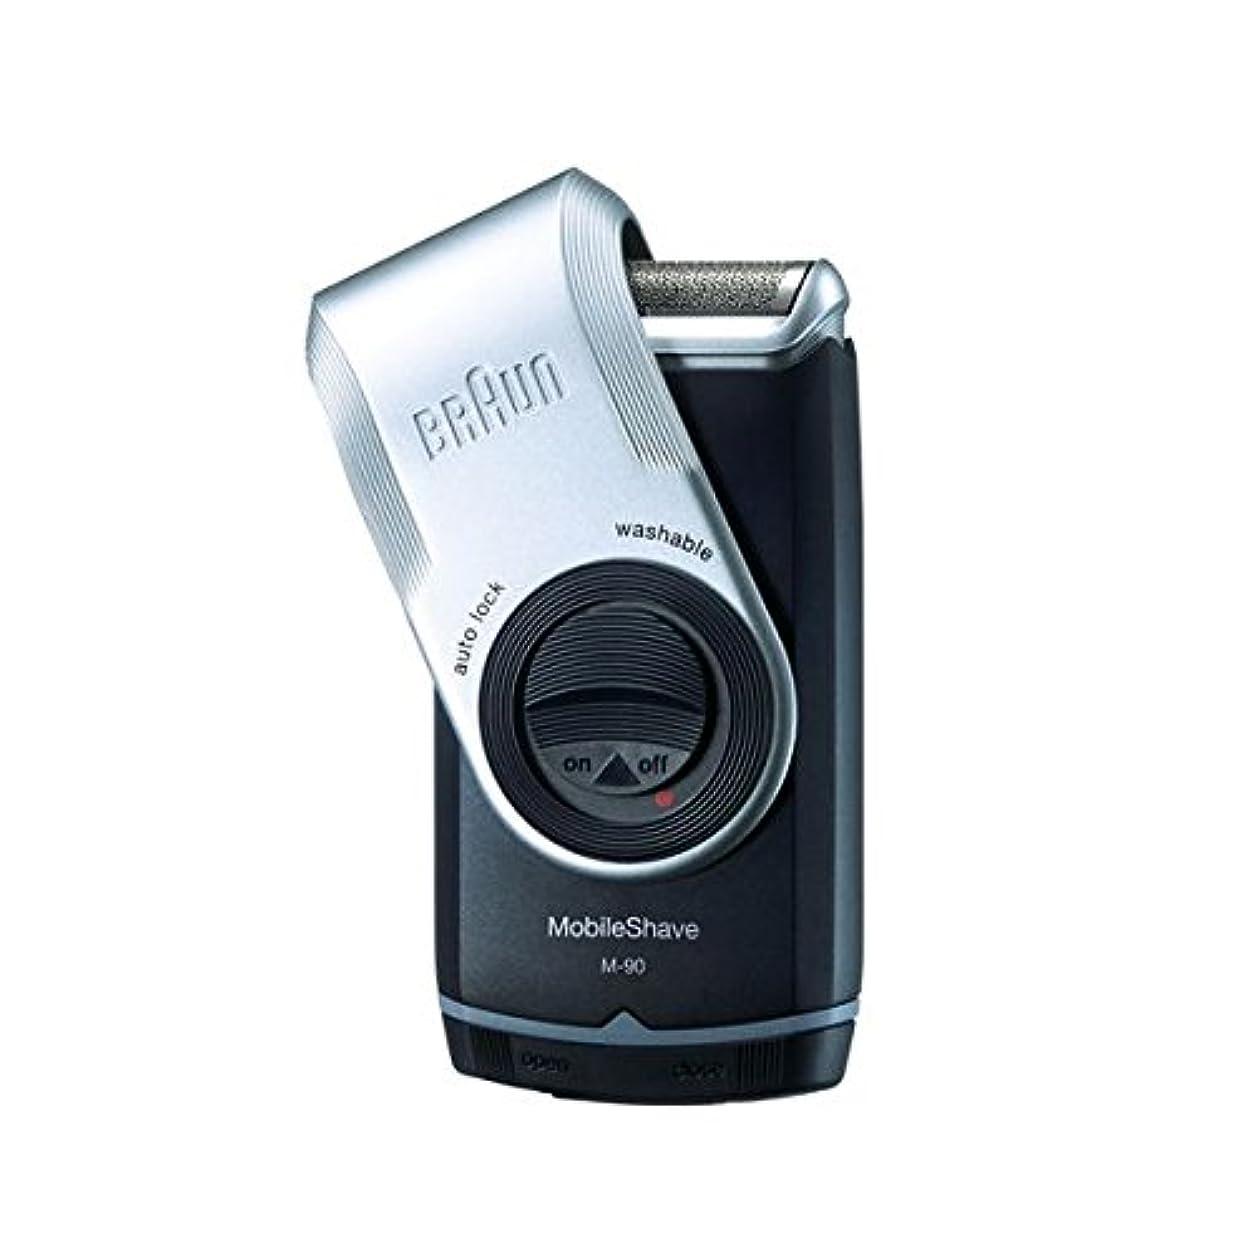 パラシュート干渉汚染BRAUN(ブラウン) シェーバー モバイルシェーブ(携帯型) M-90 ds-792921